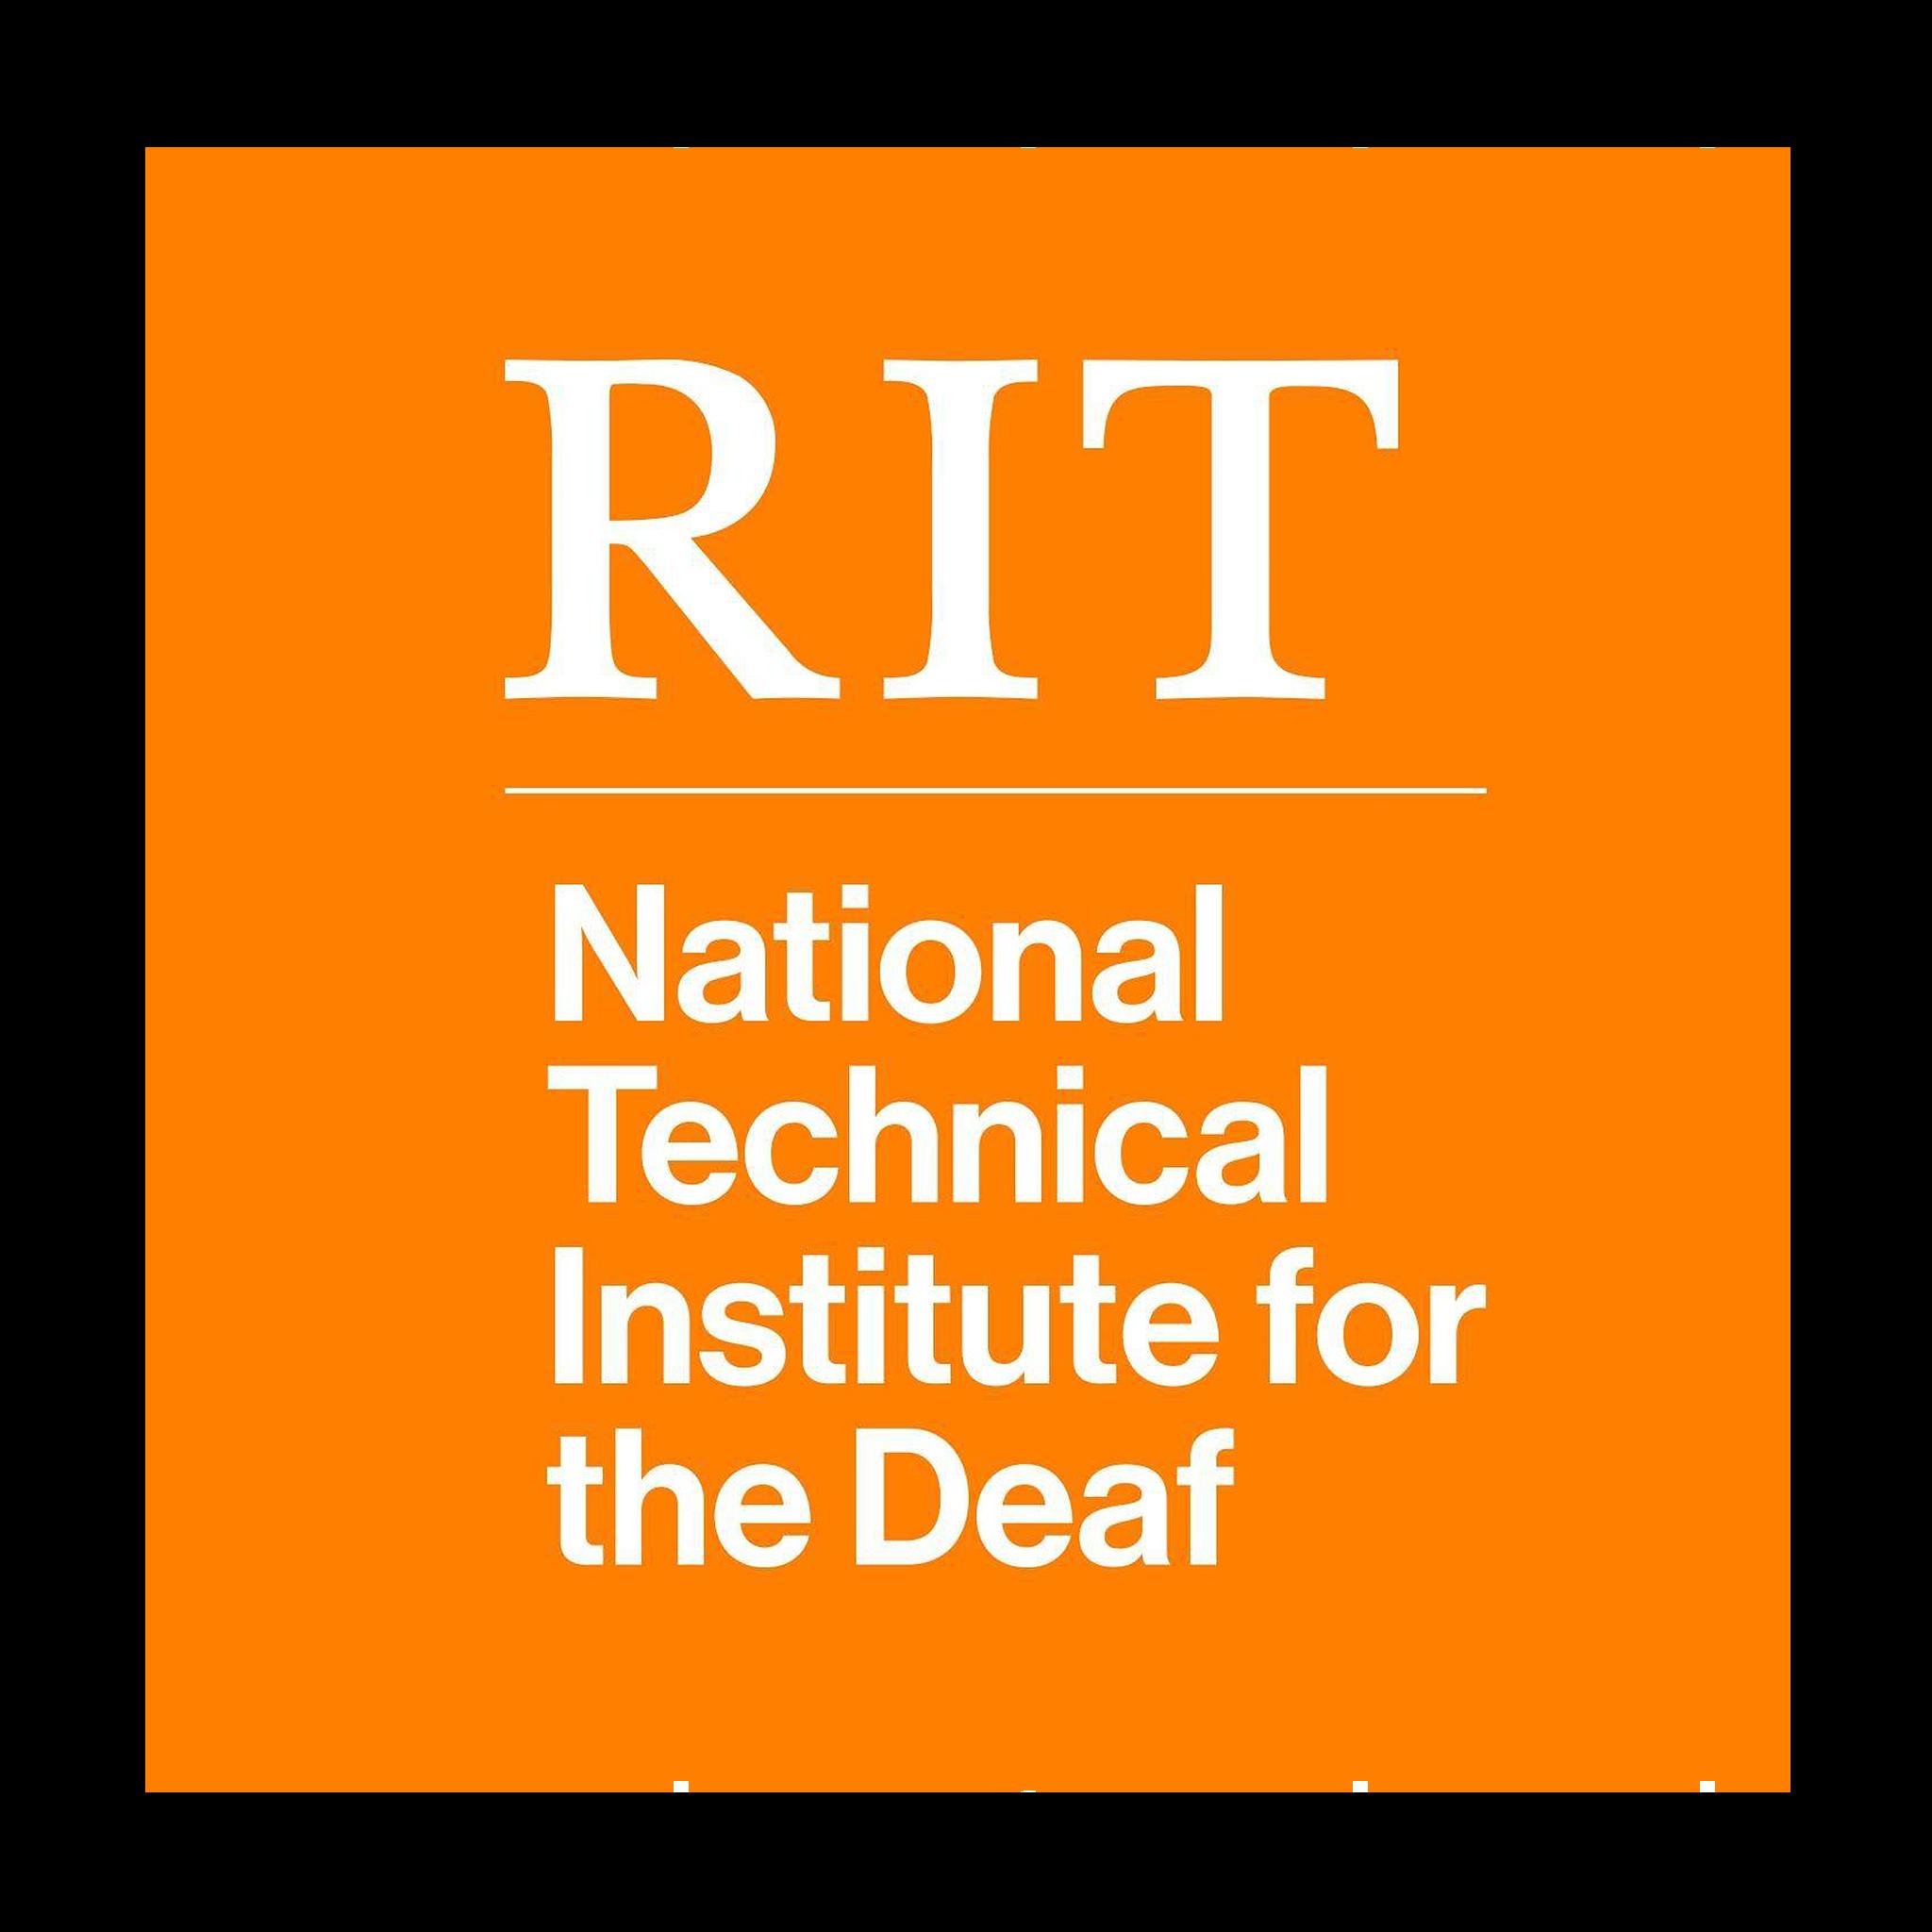 RIT-NTID logo in orange circle